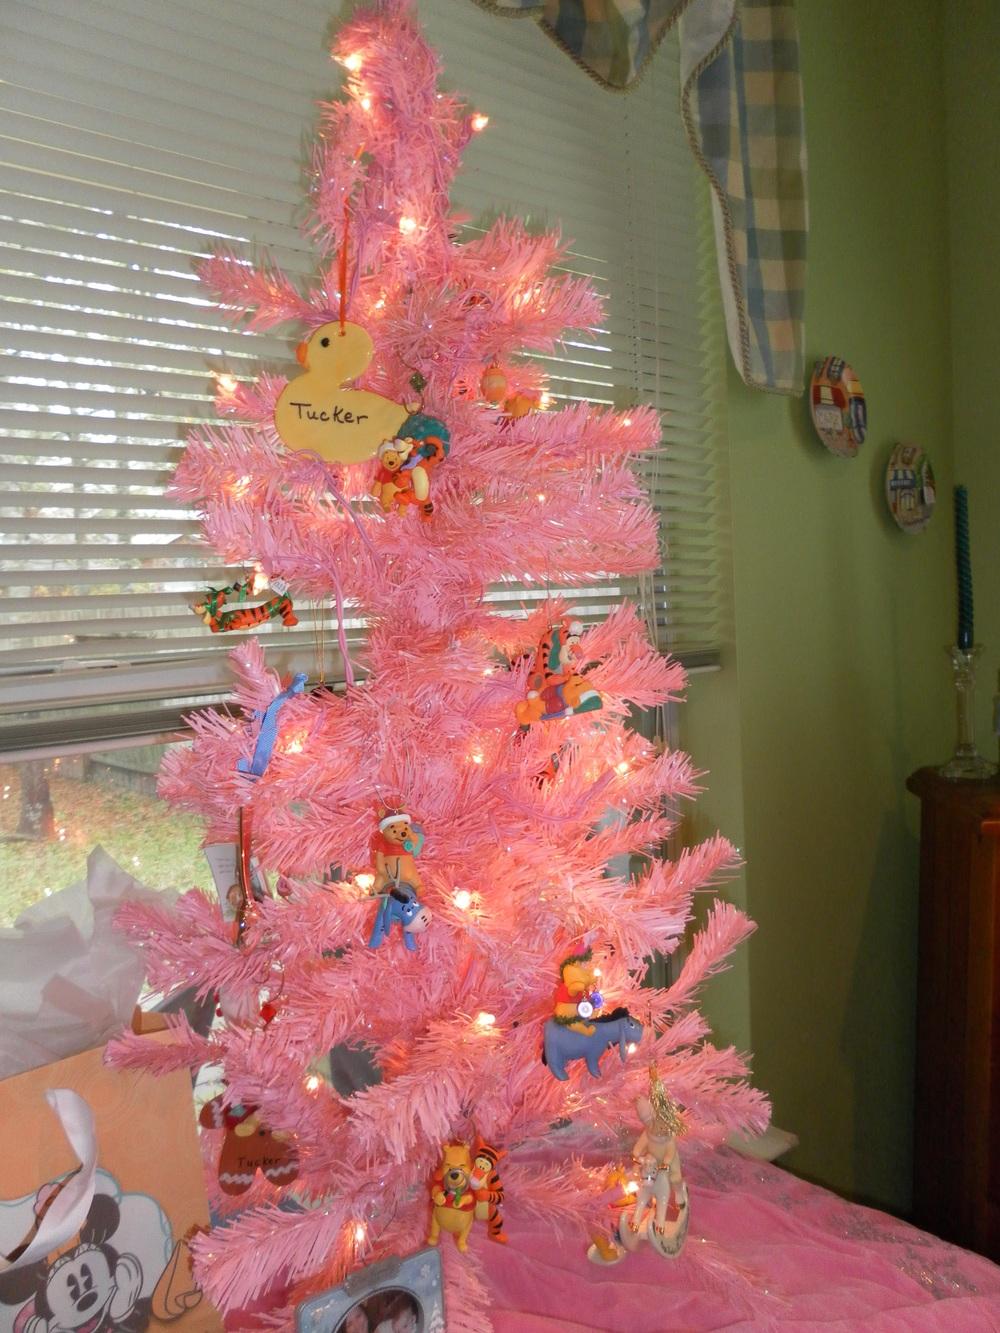 Winnie the Pooh ornament tree